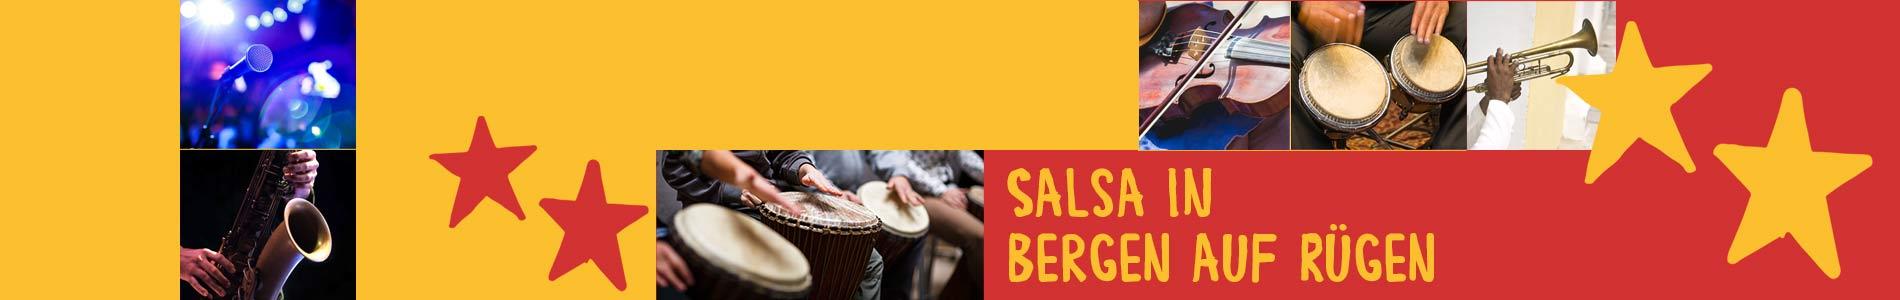 Salsa in Bergen auf Rügen – Salsa lernen und tanzen, Tanzkurse, Partys, Veranstaltungen